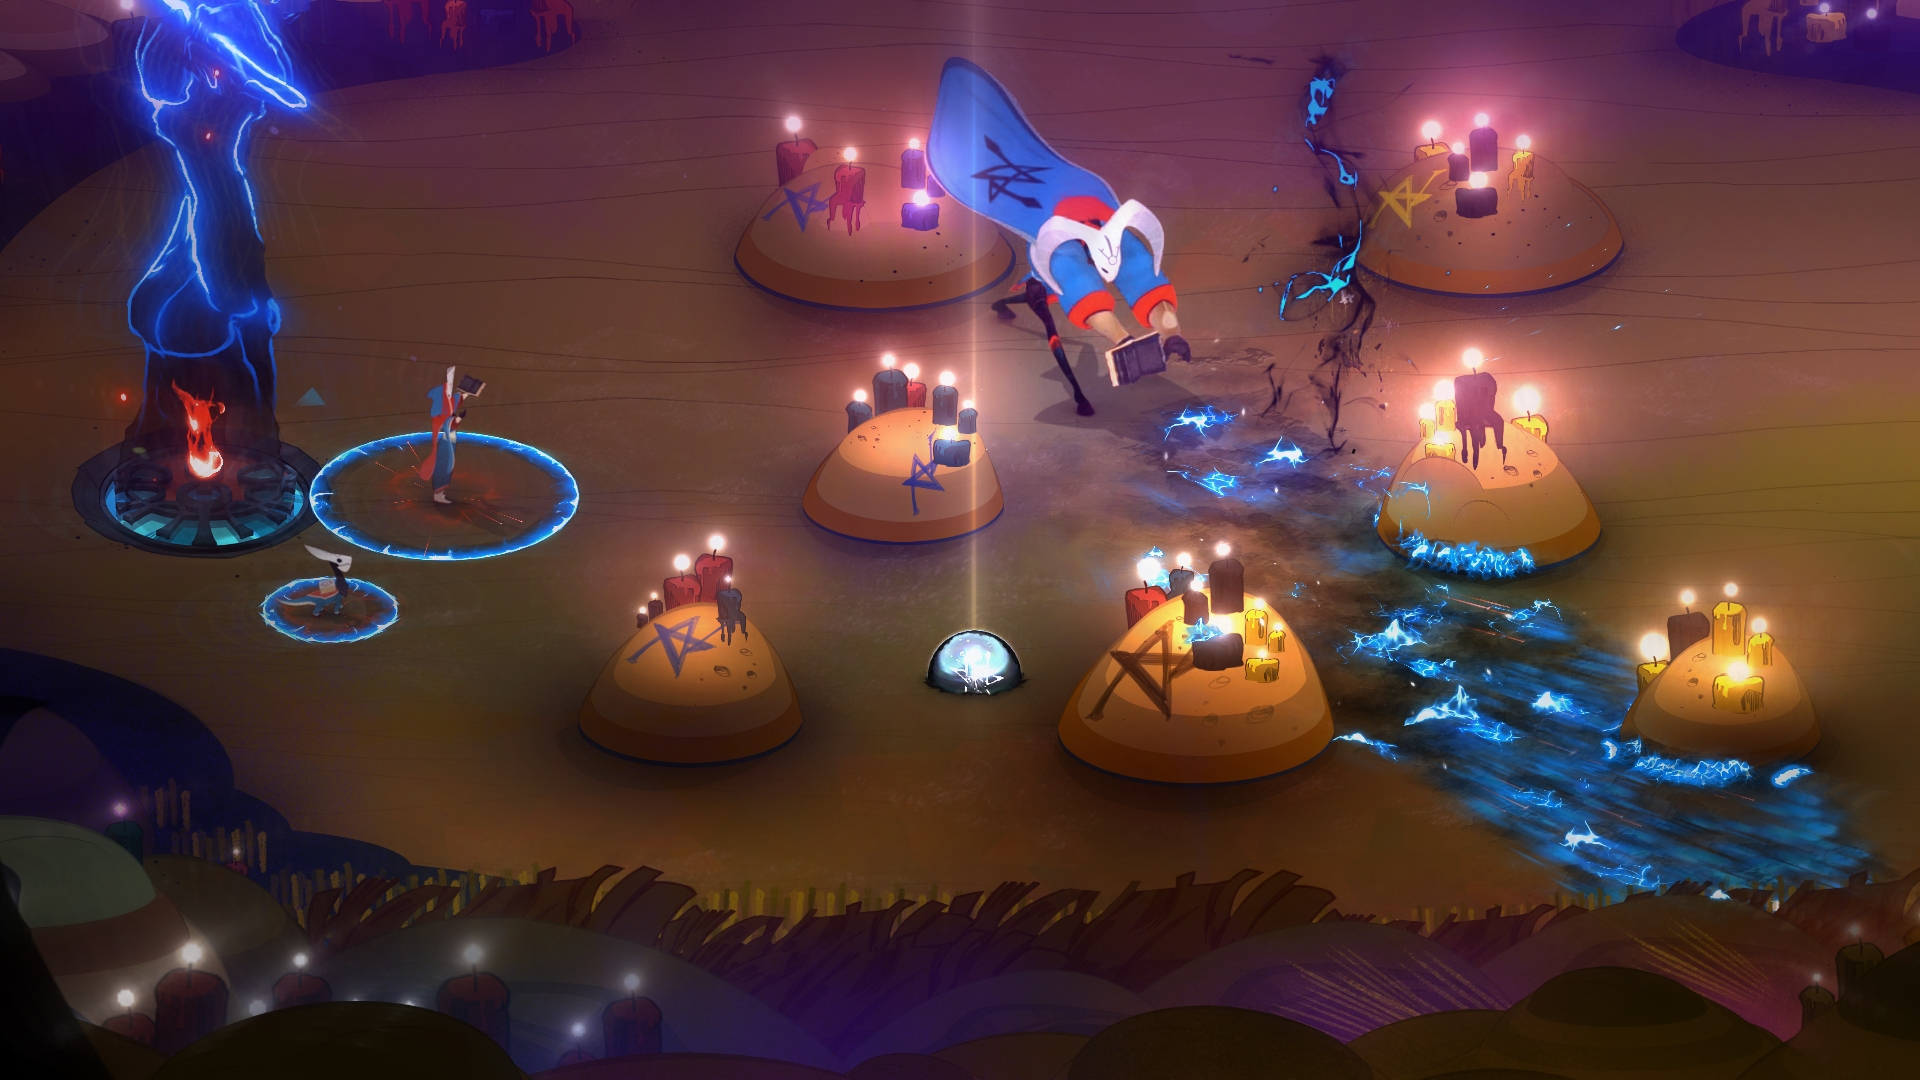 Cena de Pyre, terceiro jogo da Supergiant Games, que mostra um dos Ritos, em que Jodariel acaba de banir um inimigo após atirar sua aura.